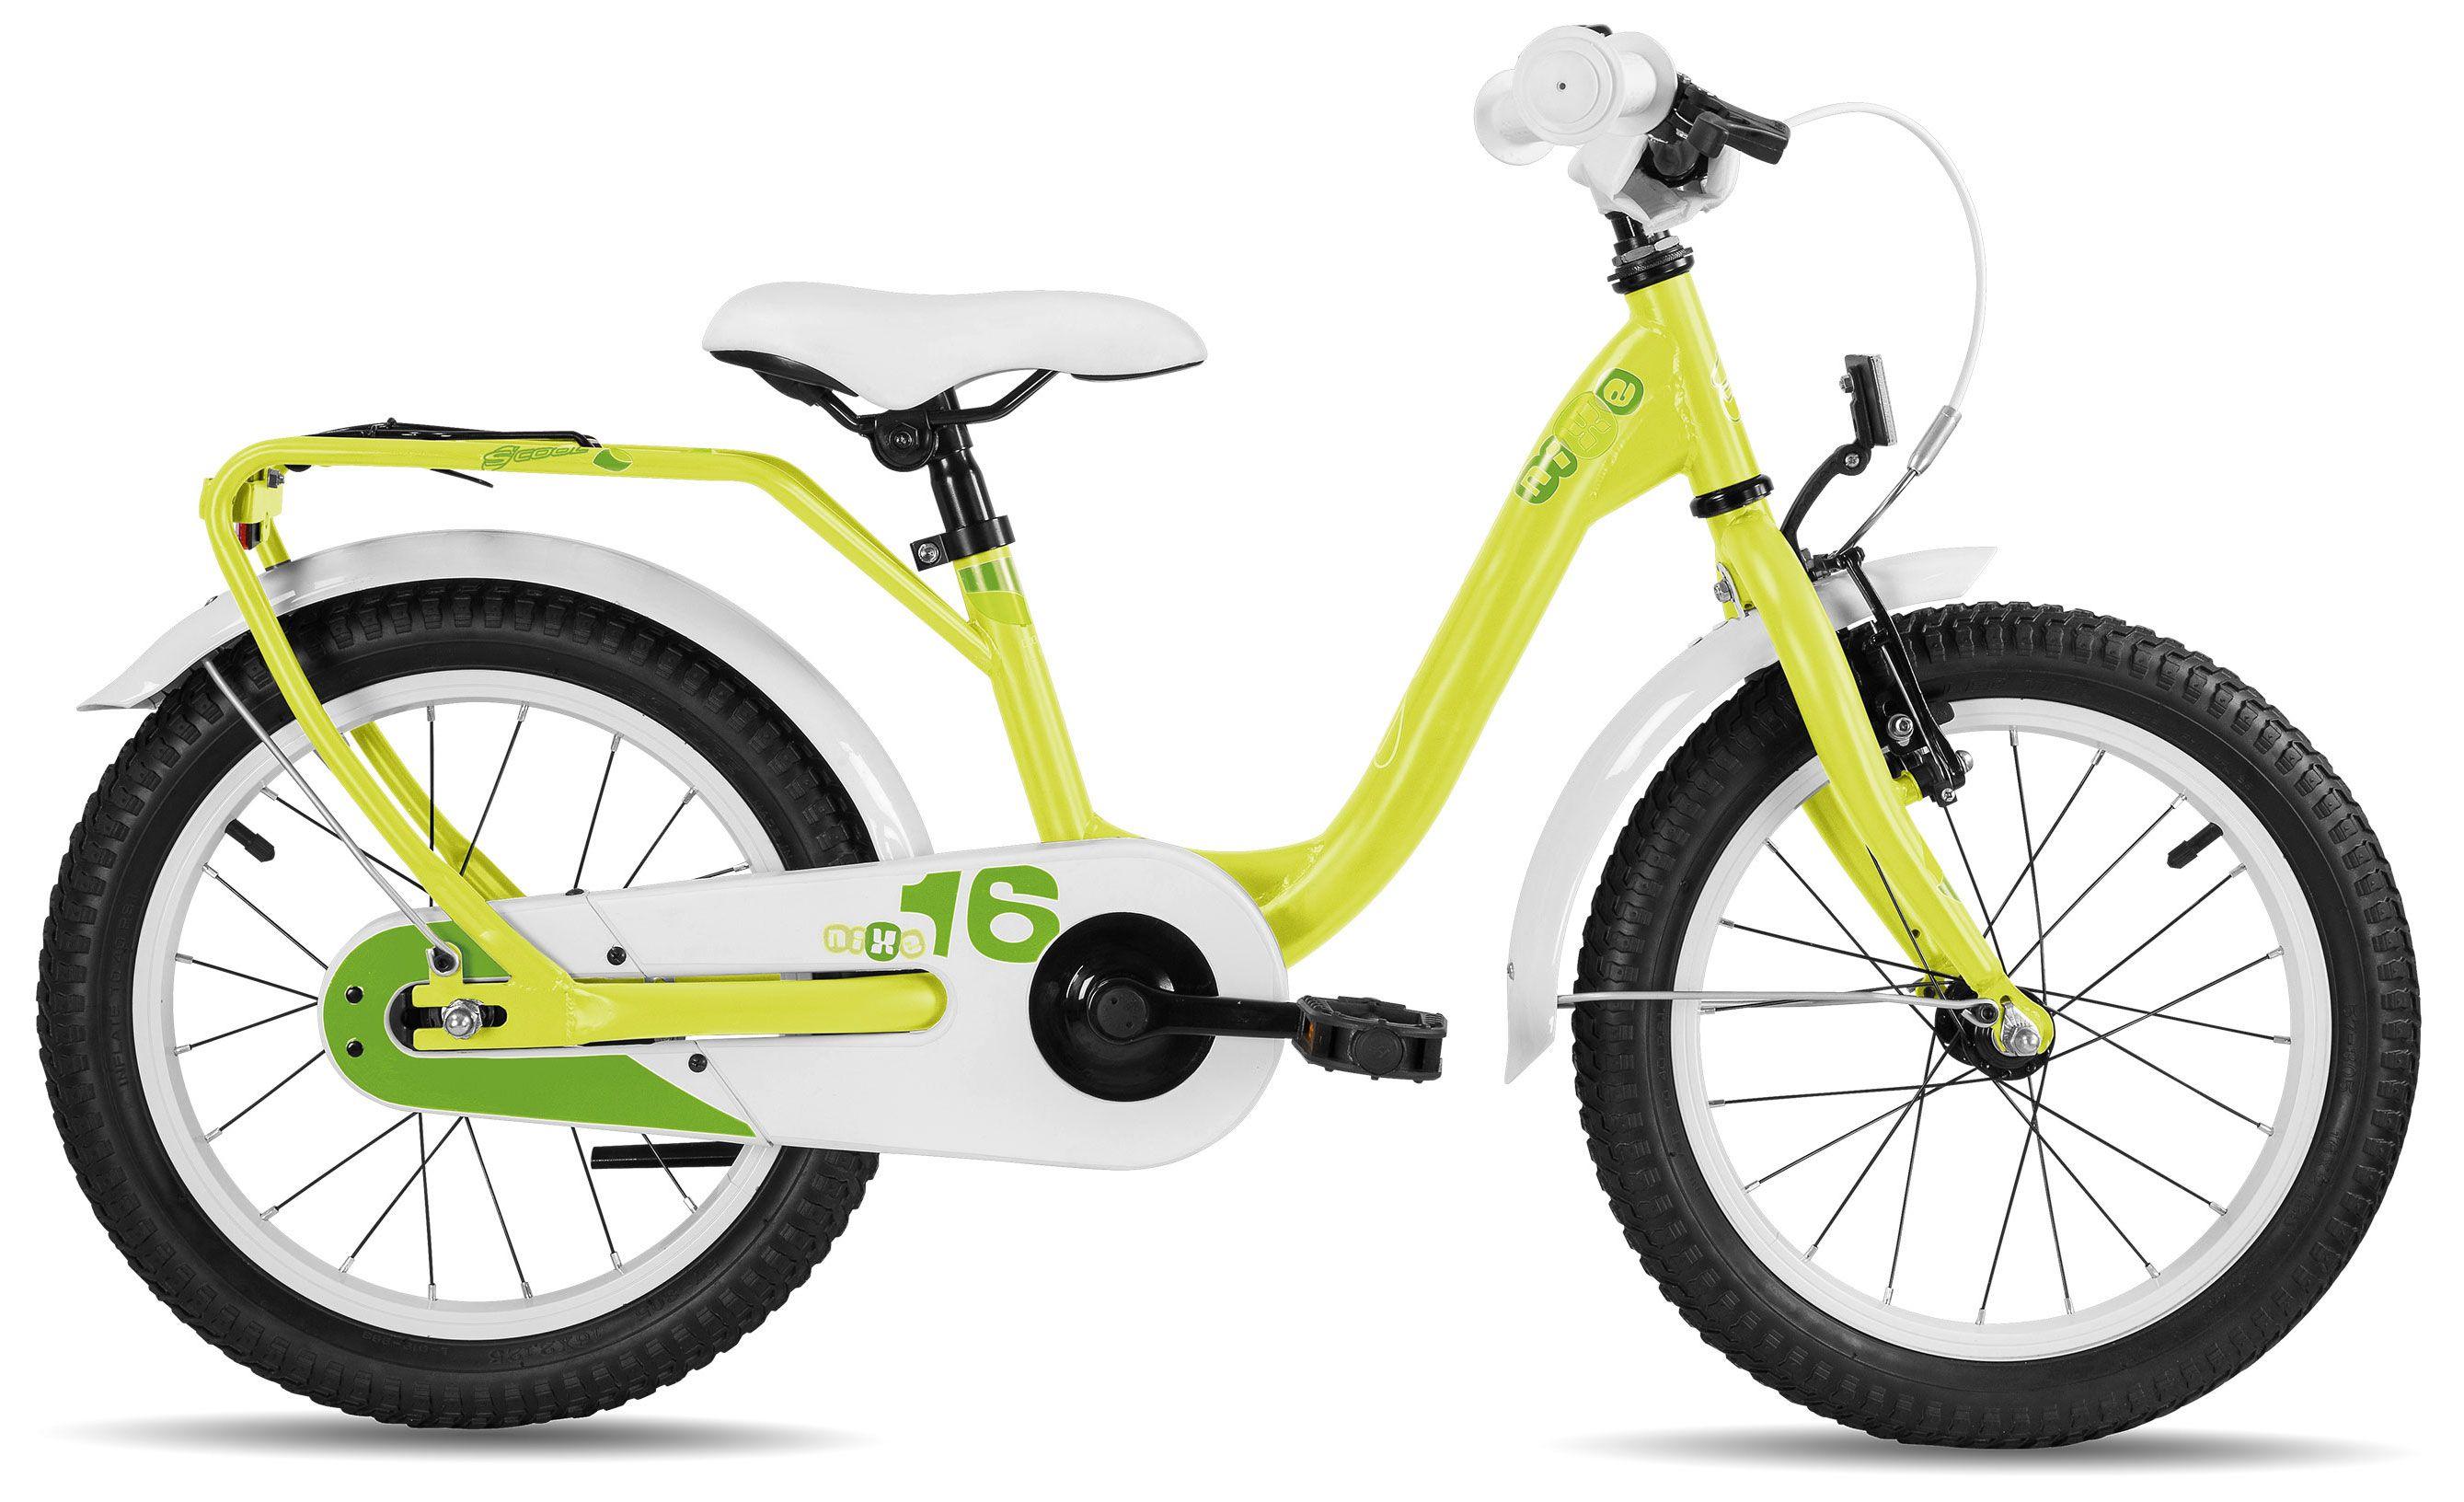 Велосипед Scool niXe 16 steel 2017 велосипед scool nixe 12 steel 2016